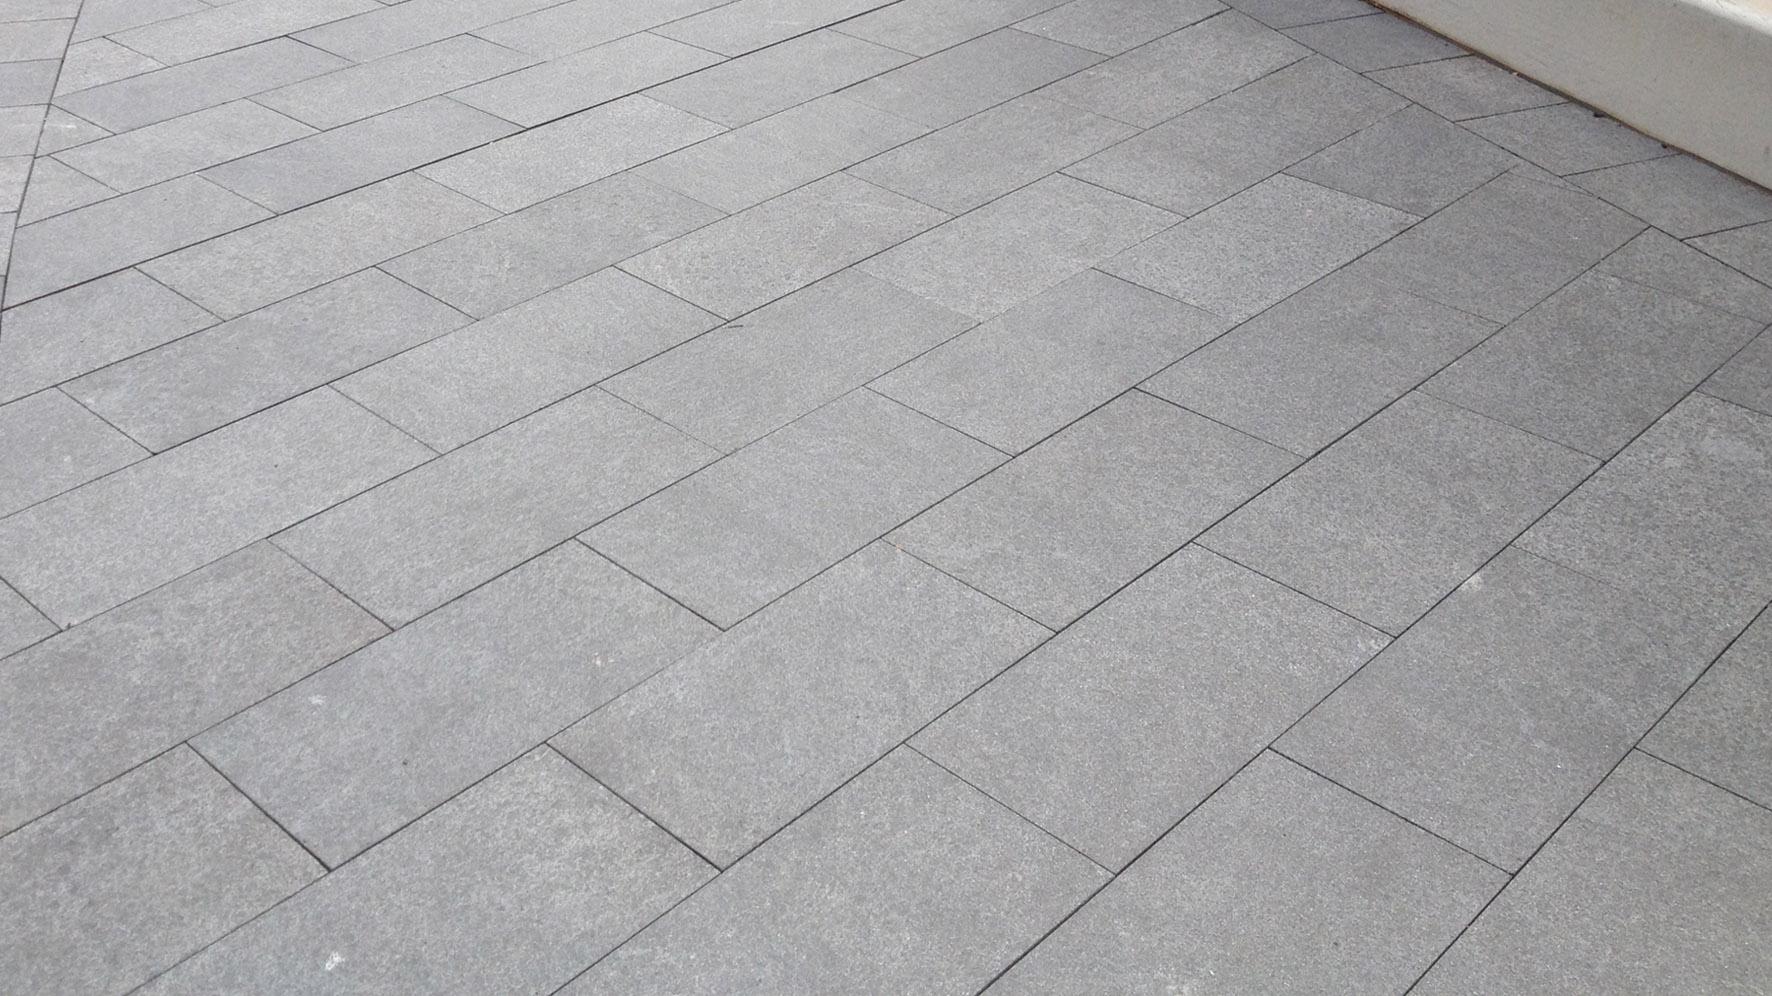 4_paving detail.jpg